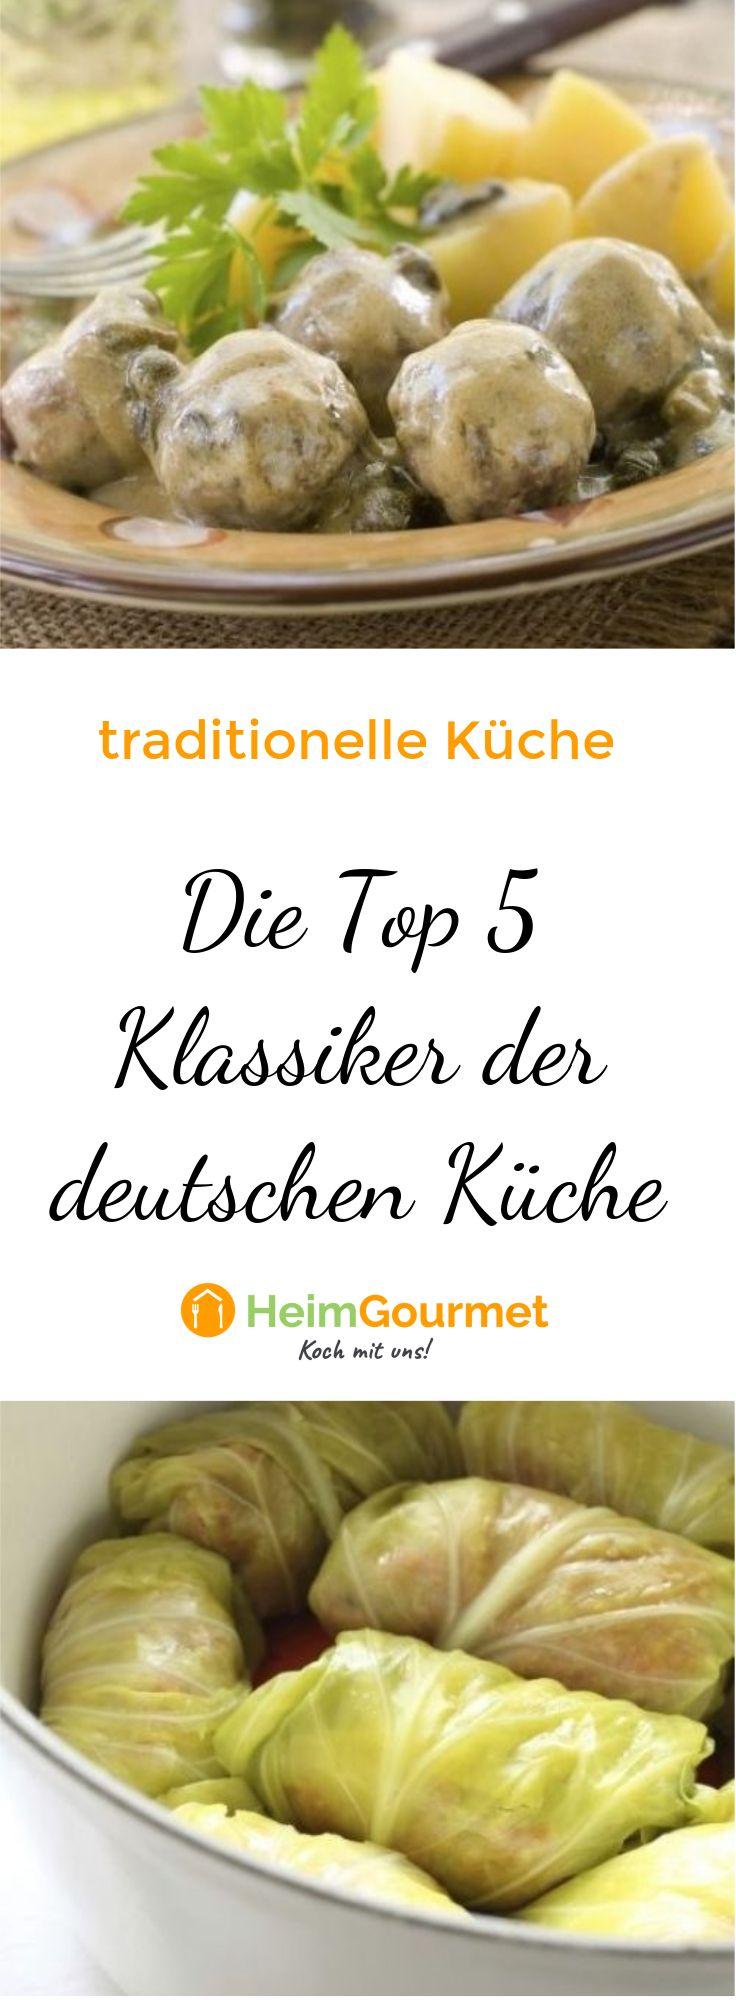 Die Top 5 Klassiker der deutschen Küche! in 2019 | Leckere ...